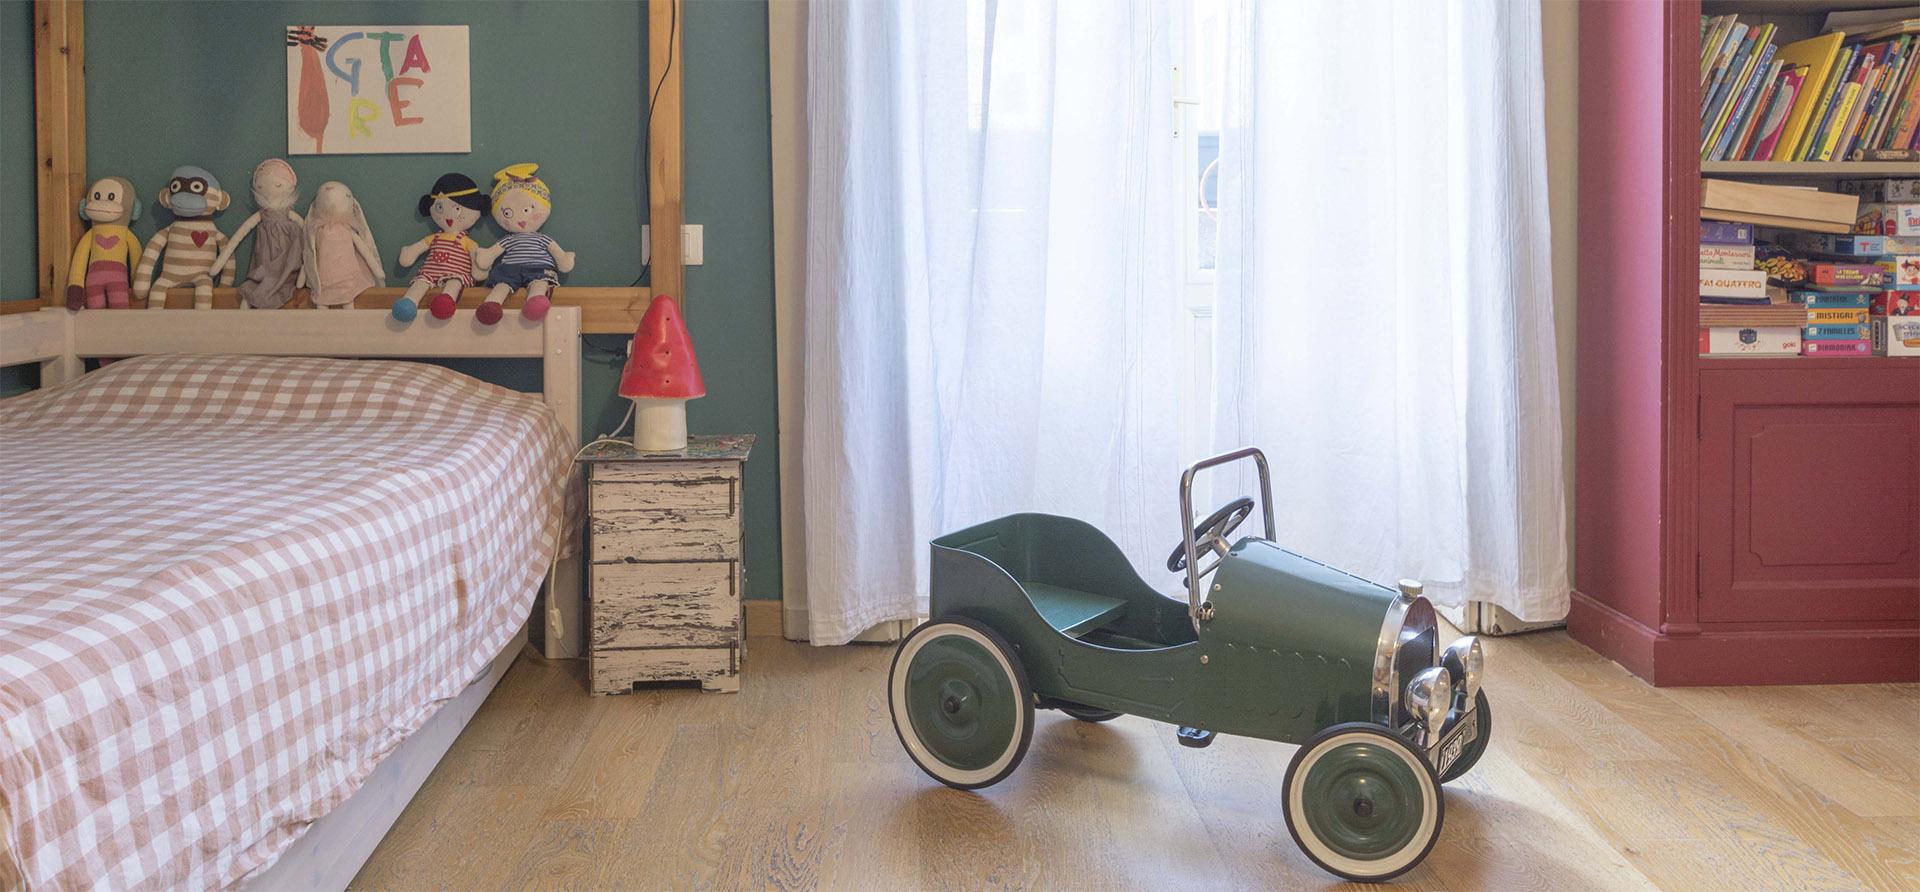 cameretta-bambini-magazine-immobiliare-morabito-2.jpg